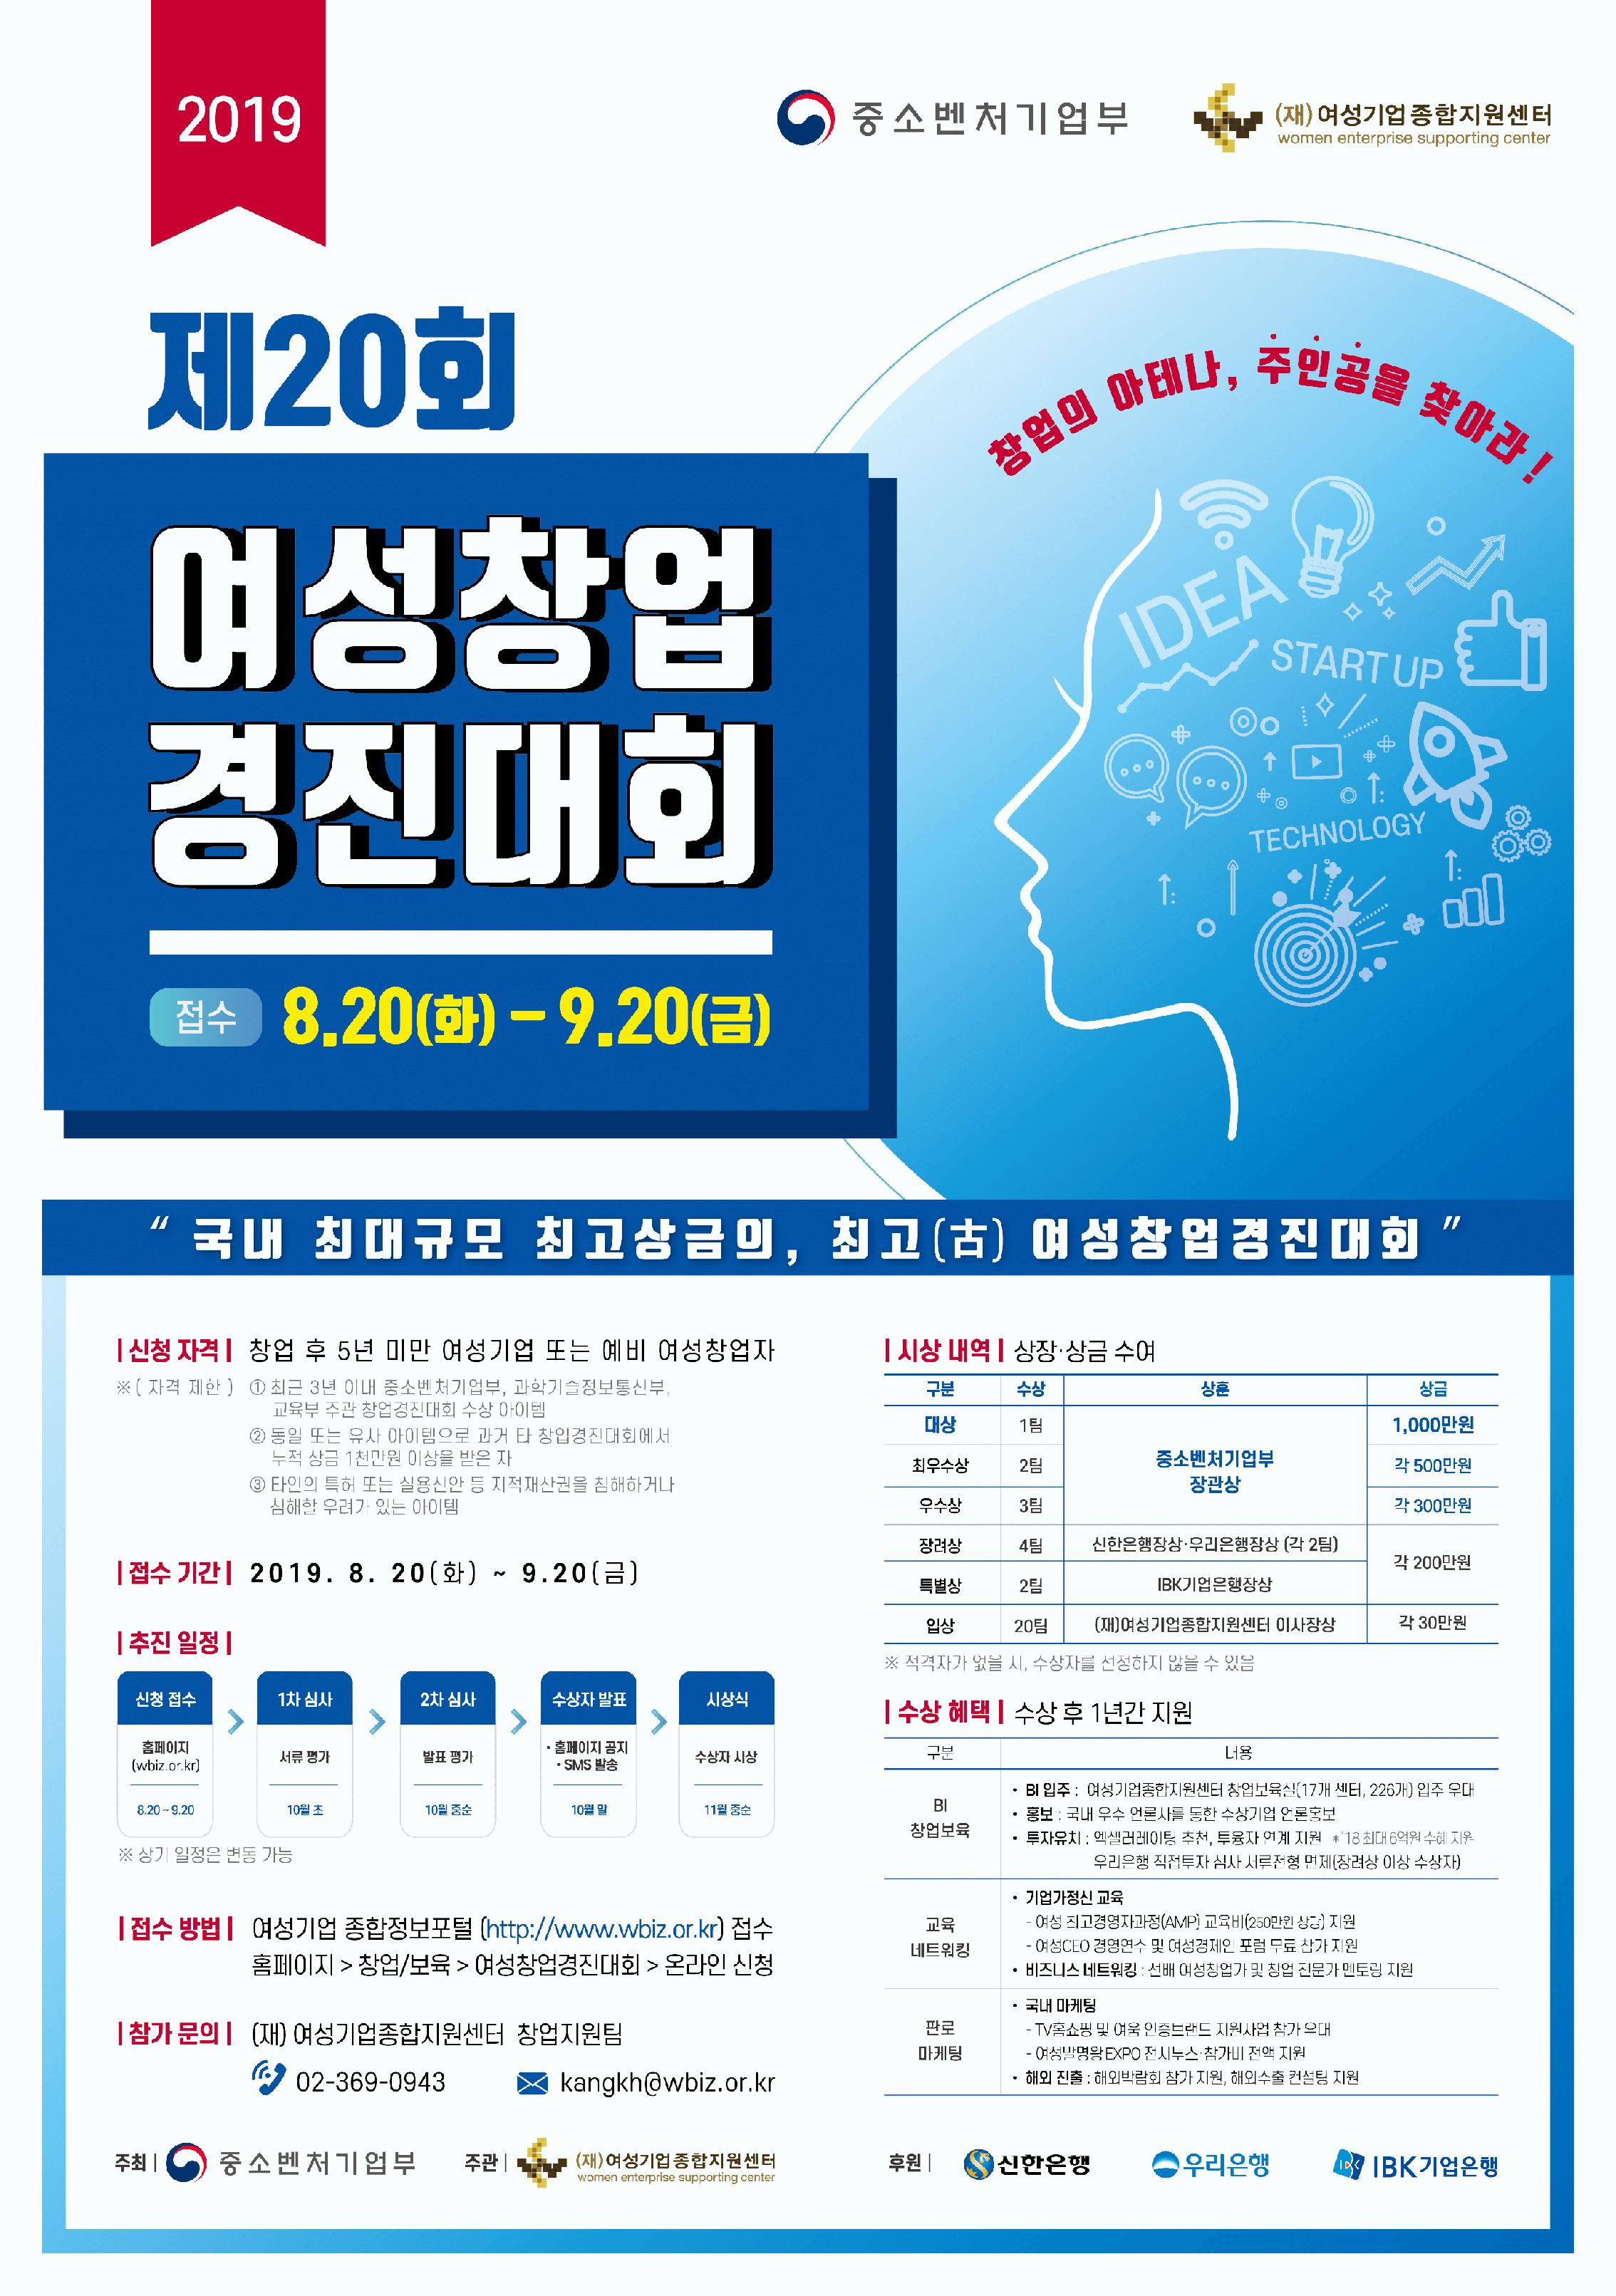 [중소벤처기업부] 제20회 여성창업경진대회(예비창업팀/ 5년이내 창업팀)